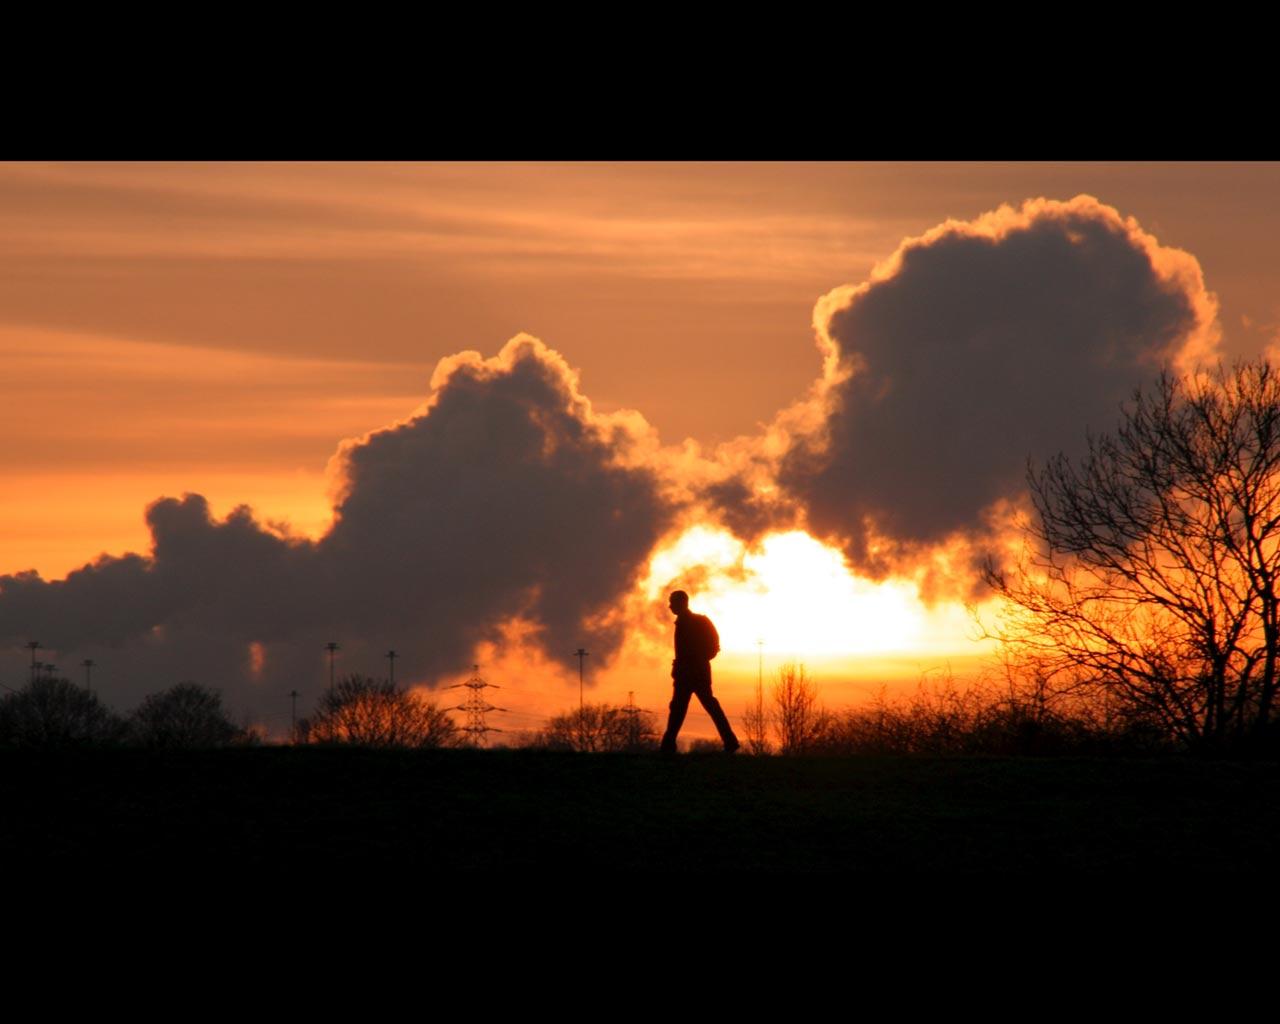 رجل من قلب الشمس Sunset-Walk.jpg